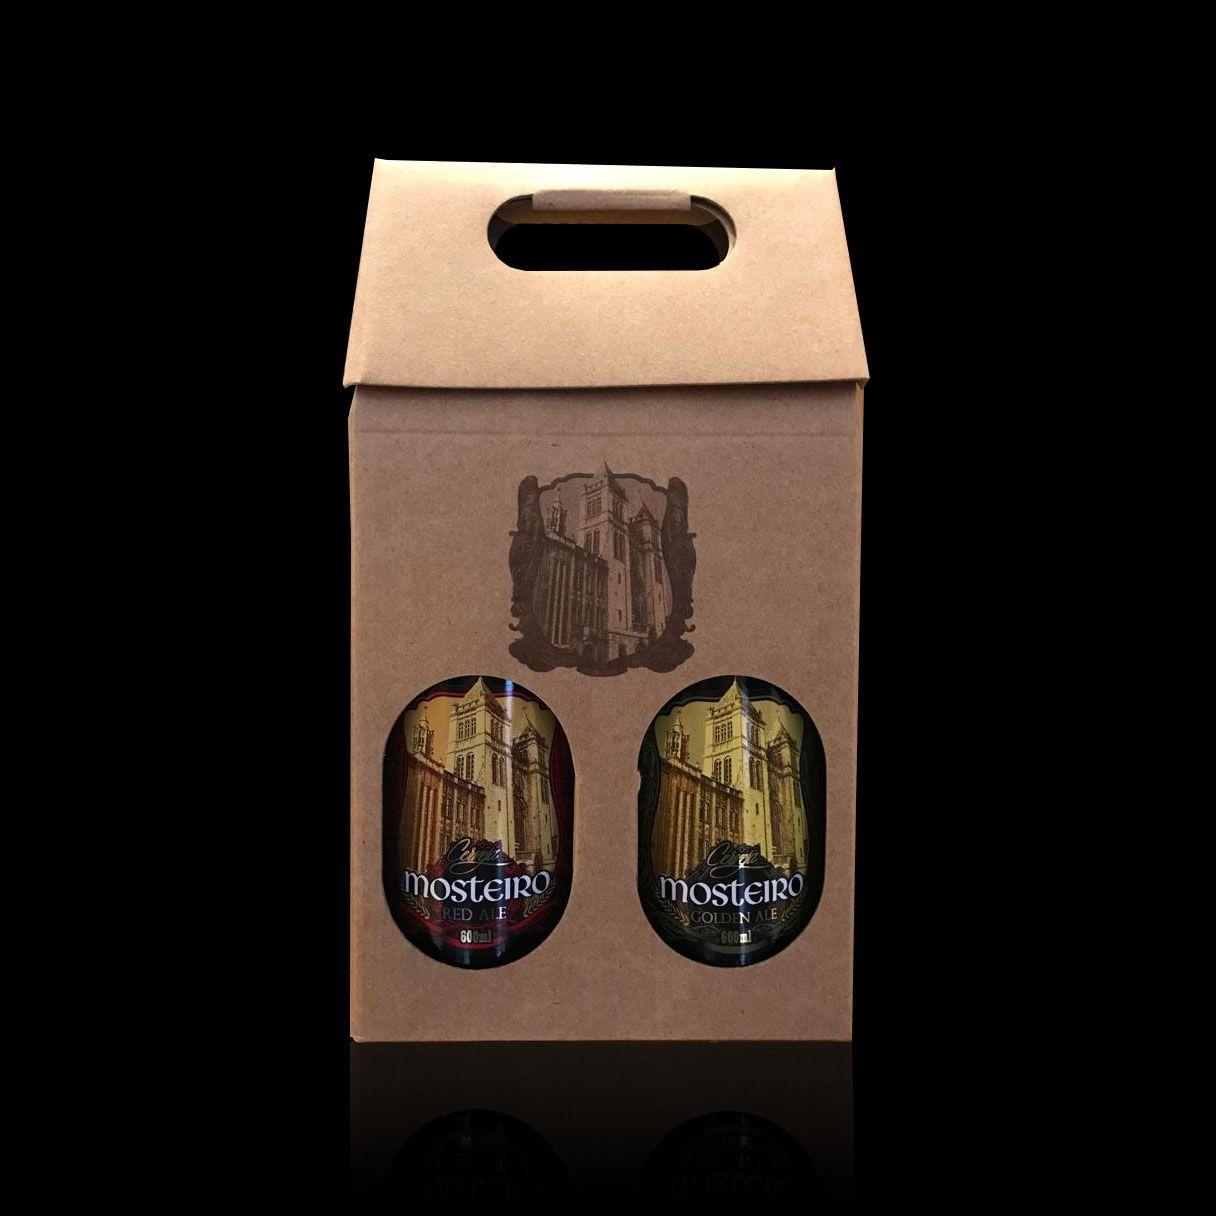 Kit com duas cervejas Mosteiro  - Padaria do Mosteiro